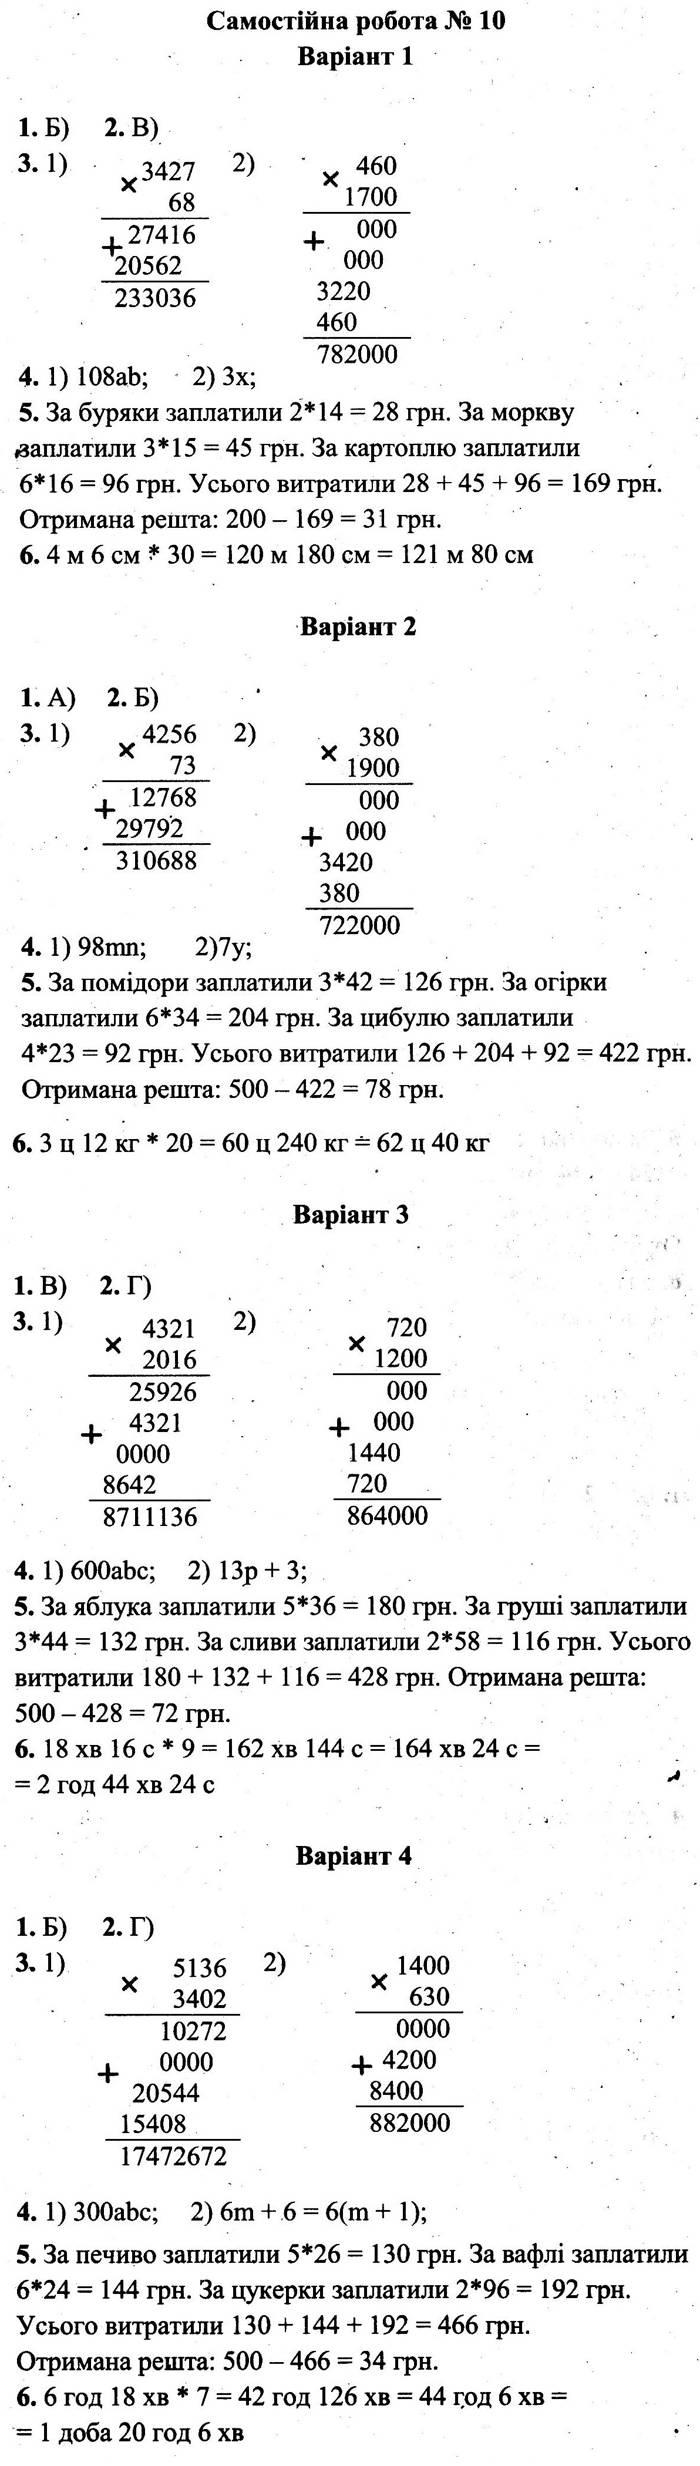 Розв'язання завдань до самостійної роботи 10 посібника 5 клас Математика Мерзляк (збірник самостійних робіт і тестів) 2020 рік